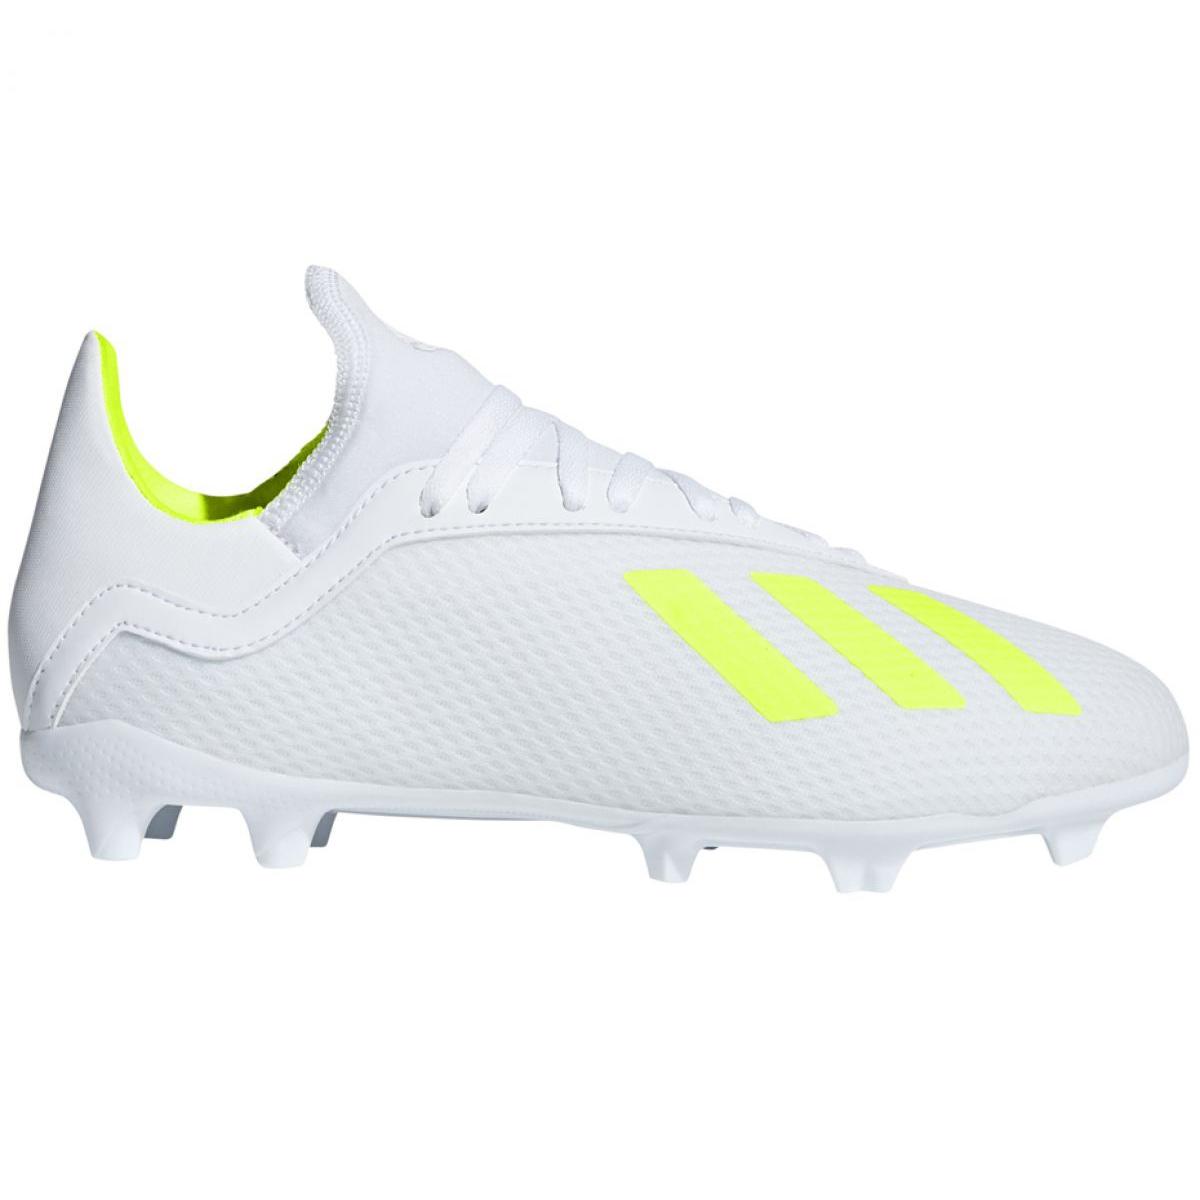 Football shoes adidas X 18.3 Fg Jr